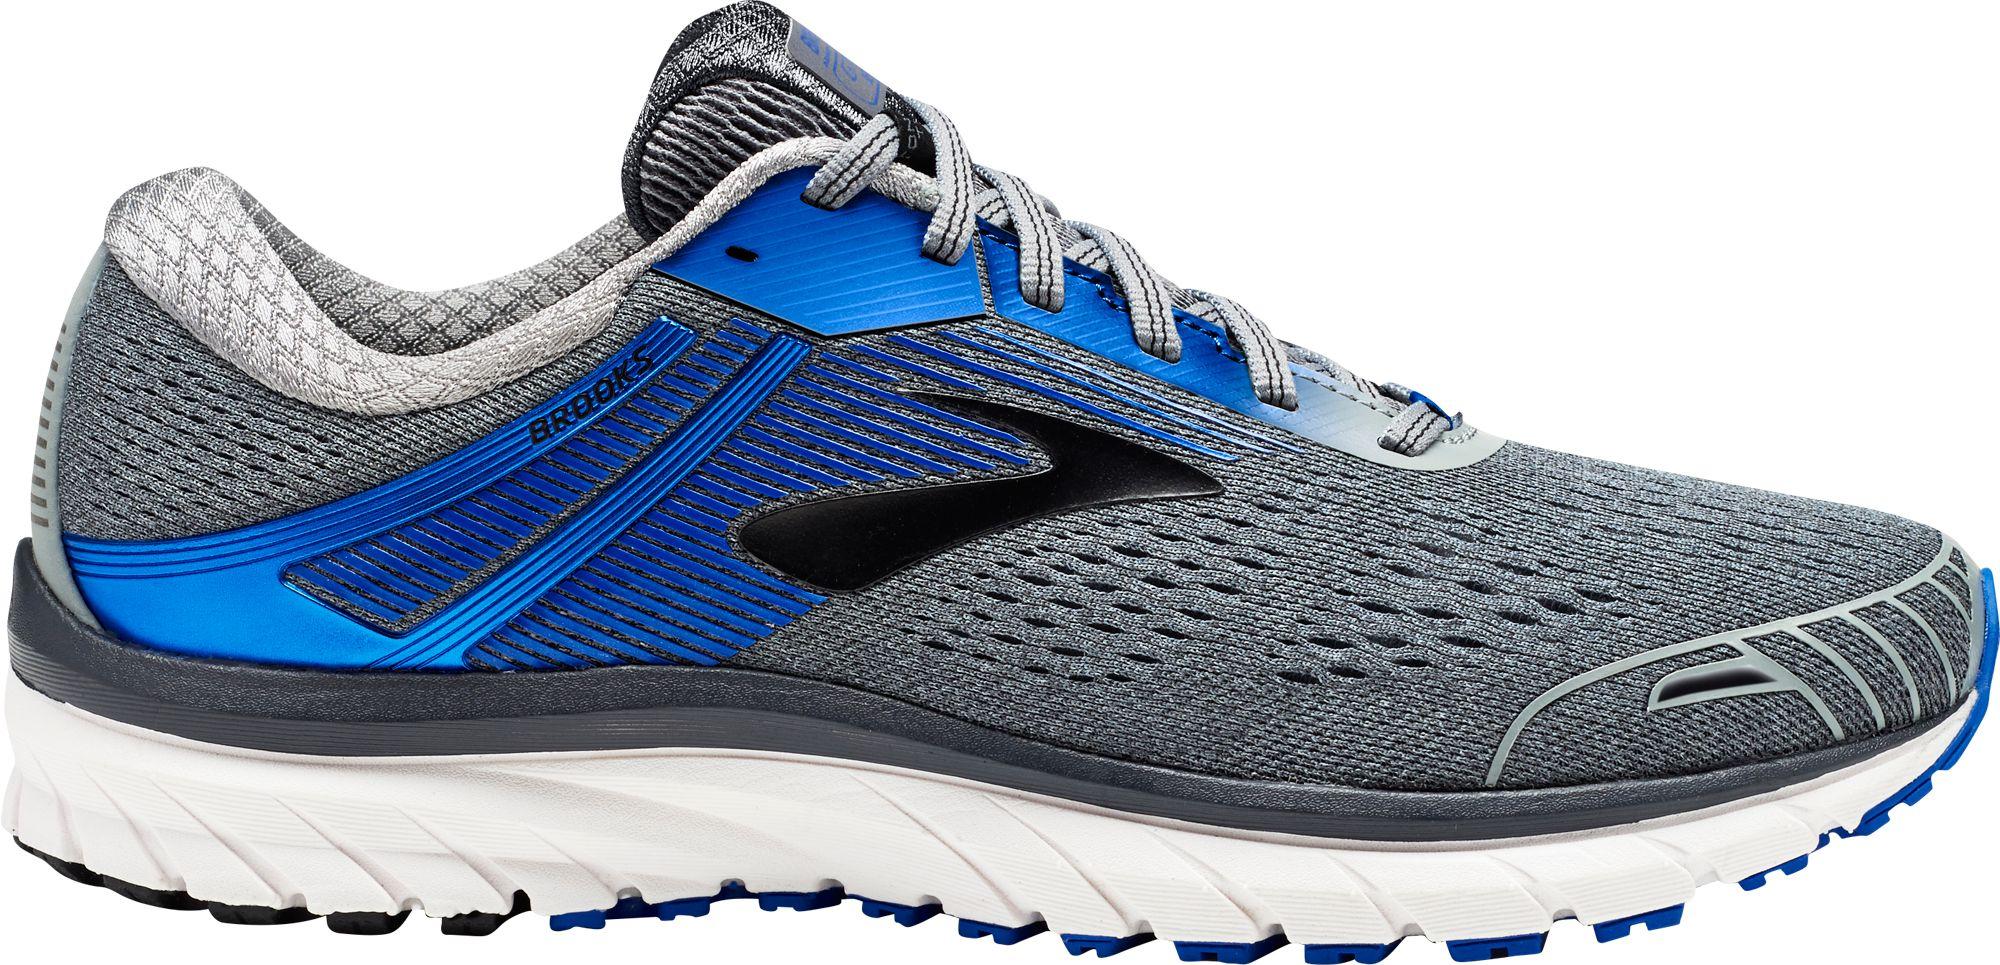 8e943a209c775 Brooks Men s or Women s Adrenaline GTS 18 Running Shoes - Slickdeals.net